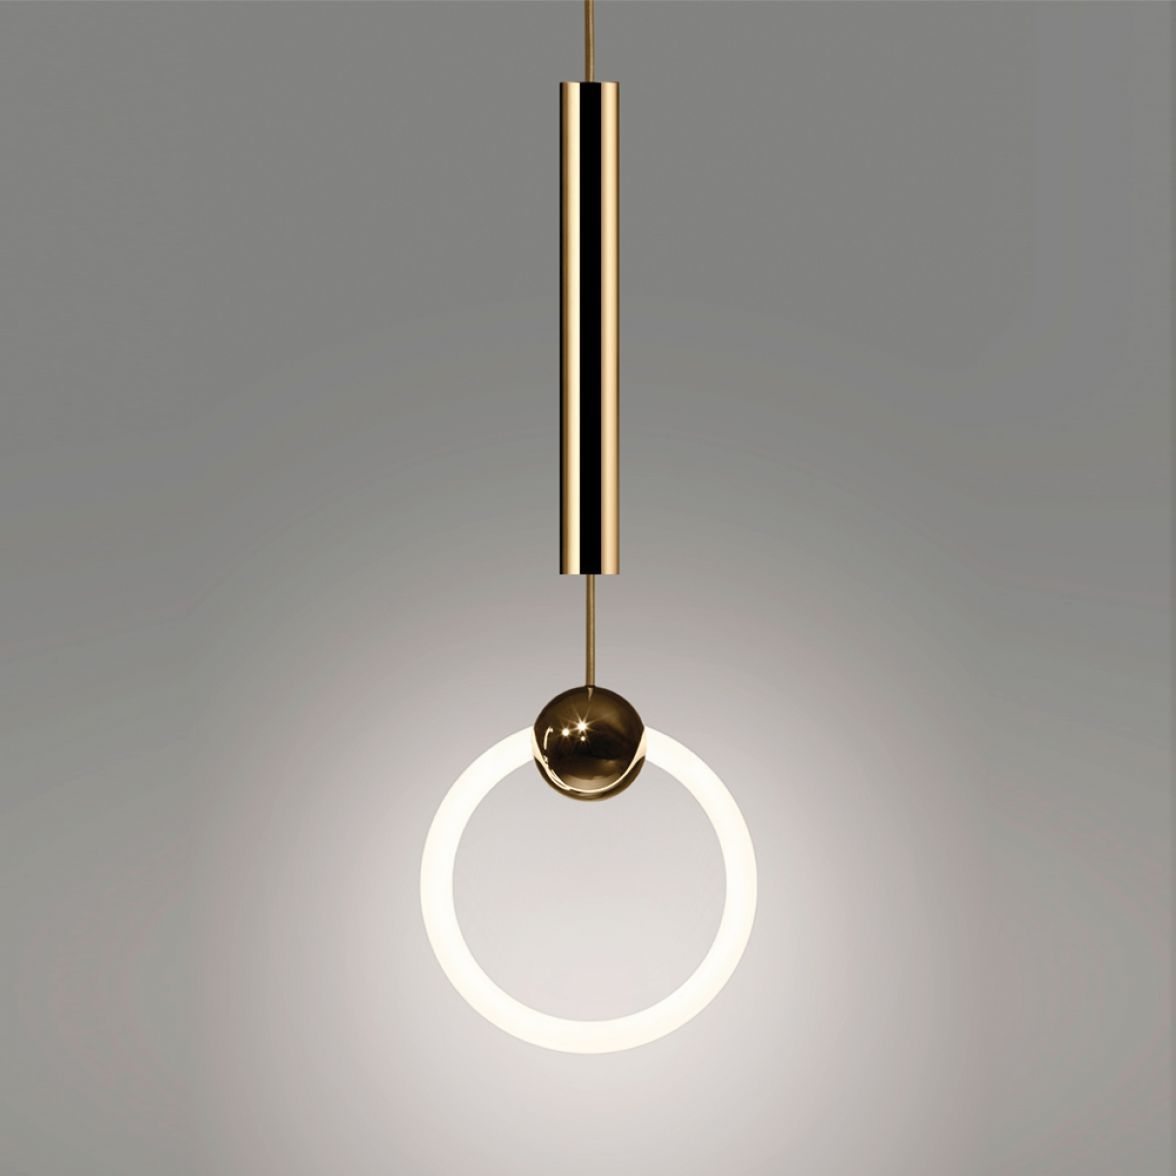 Подвесной светильник Ring фото цена